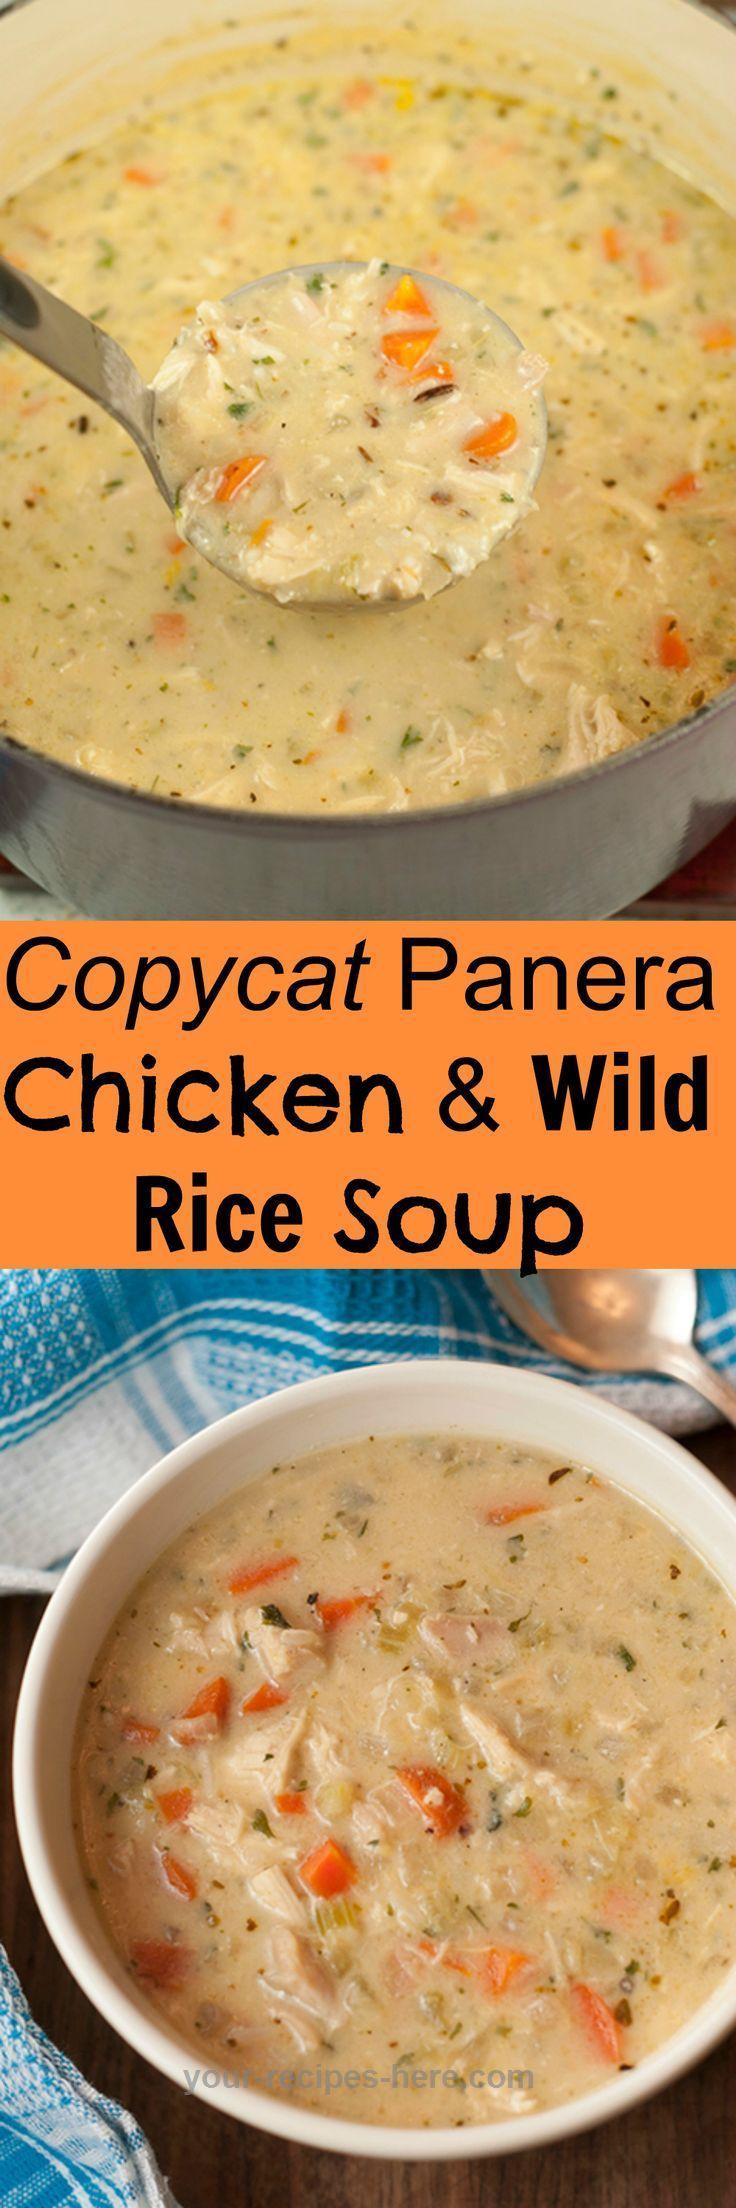 69 best big bowl of soup images on pinterest beverage big bowl